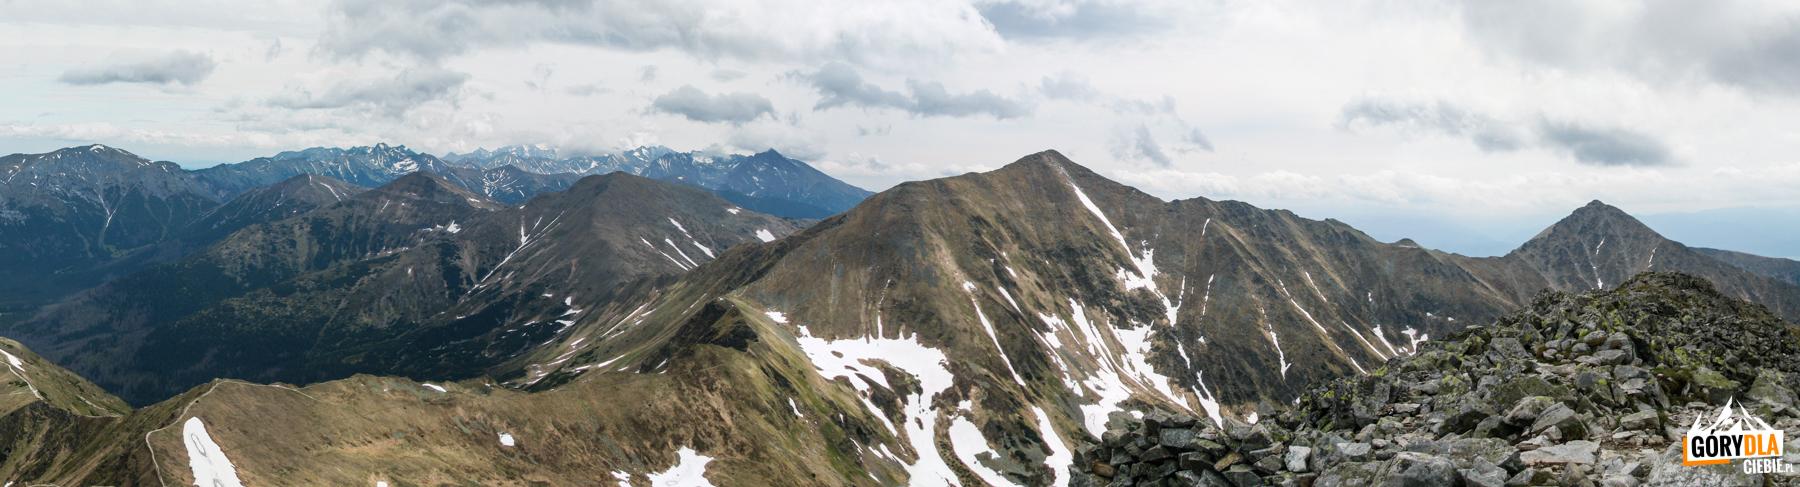 Widok zeszczytu Starorobociańskiego Wierchu (2176 m) naBłyszcz (2158 m), Bystrą (2248 m), dalej Kamienista (2126 m), Smreczyński Wierch (2068 m) iTomanowy Wierch (1977 m) natle Tatr Wysokich